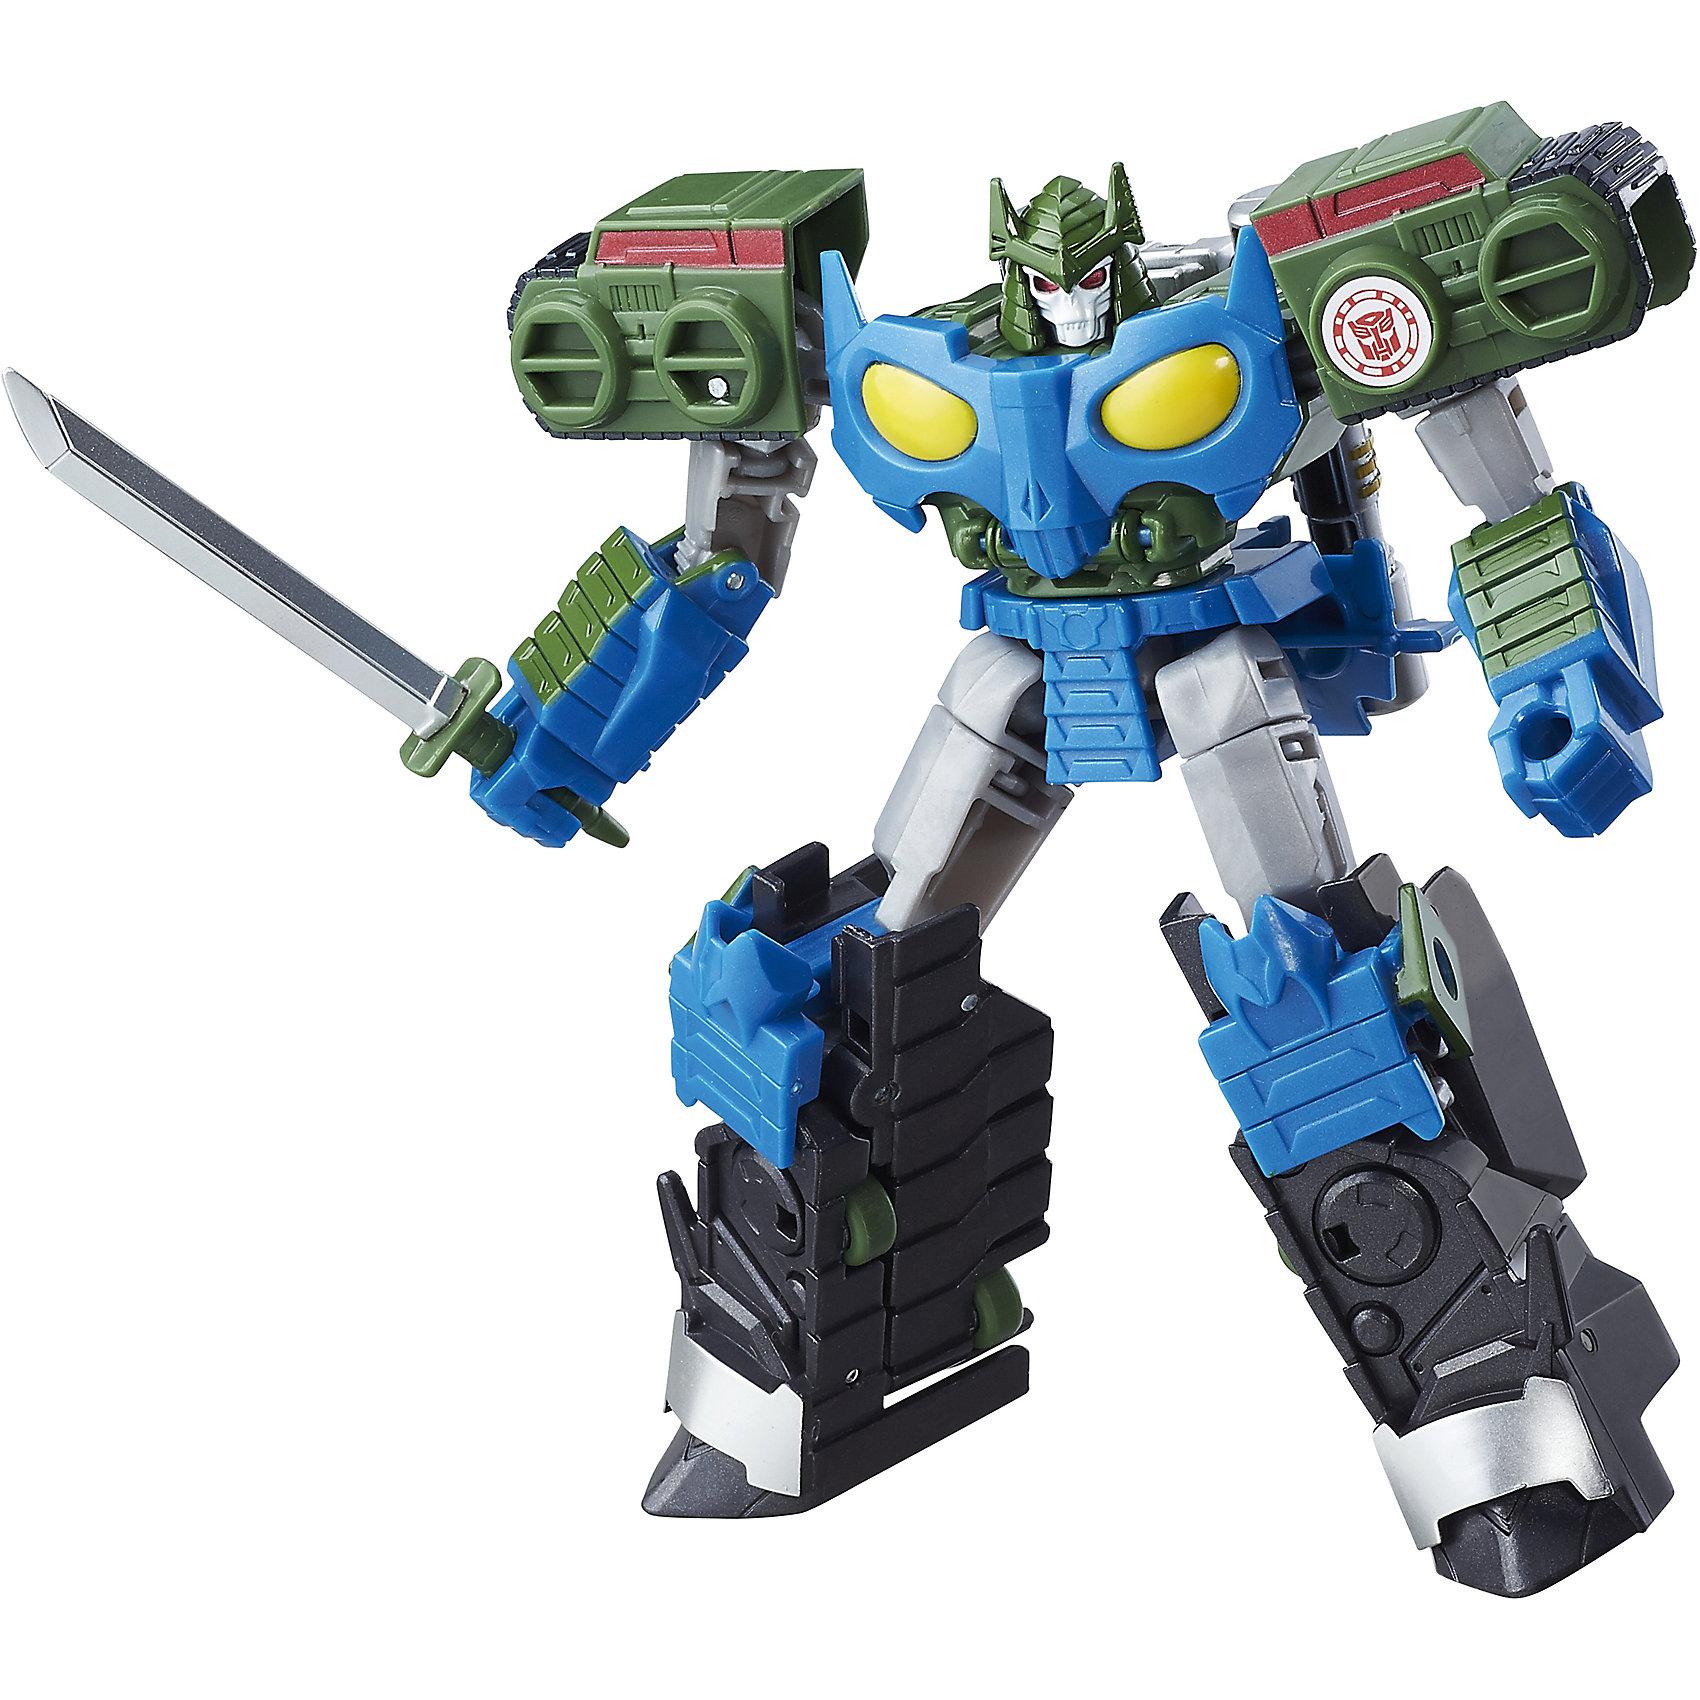 Роботс-ин-Дисгайс Войны, Трансформеры, B0070/C0930Трансформеры-игрушки<br>Характеристики:<br><br>• Материал: пластик<br>• Комплектация: робот-трансформер, аксессуары<br>• Высота робота ?13 см<br>• Трансформируется в оружие за 13 шагов<br>• На игрушке имеется сканируемый жетон<br>• Вес в упаковке: 290 г<br>• Размеры упаковки (Г*Ш*В): 6,4*16,5*25,4 см<br>• Упаковка: блистер на картонной подложке<br><br>Роботс-ин-Дисгайс Войны, Трансформеры, это коллекция трансформеров-роботов, созданных по мотивам популярного мультсериала Трансформеры. Роботам этой коллекции предстоит опасная миссия: поймать всех опасных преступников, сбежавших с корабля-тюрьмы под названием Алкемор. Чтобы миссия была успешной роботы трансформируются в высокотехнологичное оружие или транспортные средства. <br><br>Фигурки героев выполнены из твердого пластика, устойчивого к повреждениям и трещинам, детали окрашены нетоксичной краской без запаха. Робот выполнен с высокой степенью достоверности и соответствия облику своего экранного прототипа.  <br><br>Роботс-ин-Дисгайс Войны, Трансформеры, B0070/C0930 можно купить в нашем интернет-магазине.<br><br>Ширина мм: 64<br>Глубина мм: 165<br>Высота мм: 254<br>Вес г: 290<br>Возраст от месяцев: 48<br>Возраст до месяцев: 2147483647<br>Пол: Мужской<br>Возраст: Детский<br>SKU: 5488312